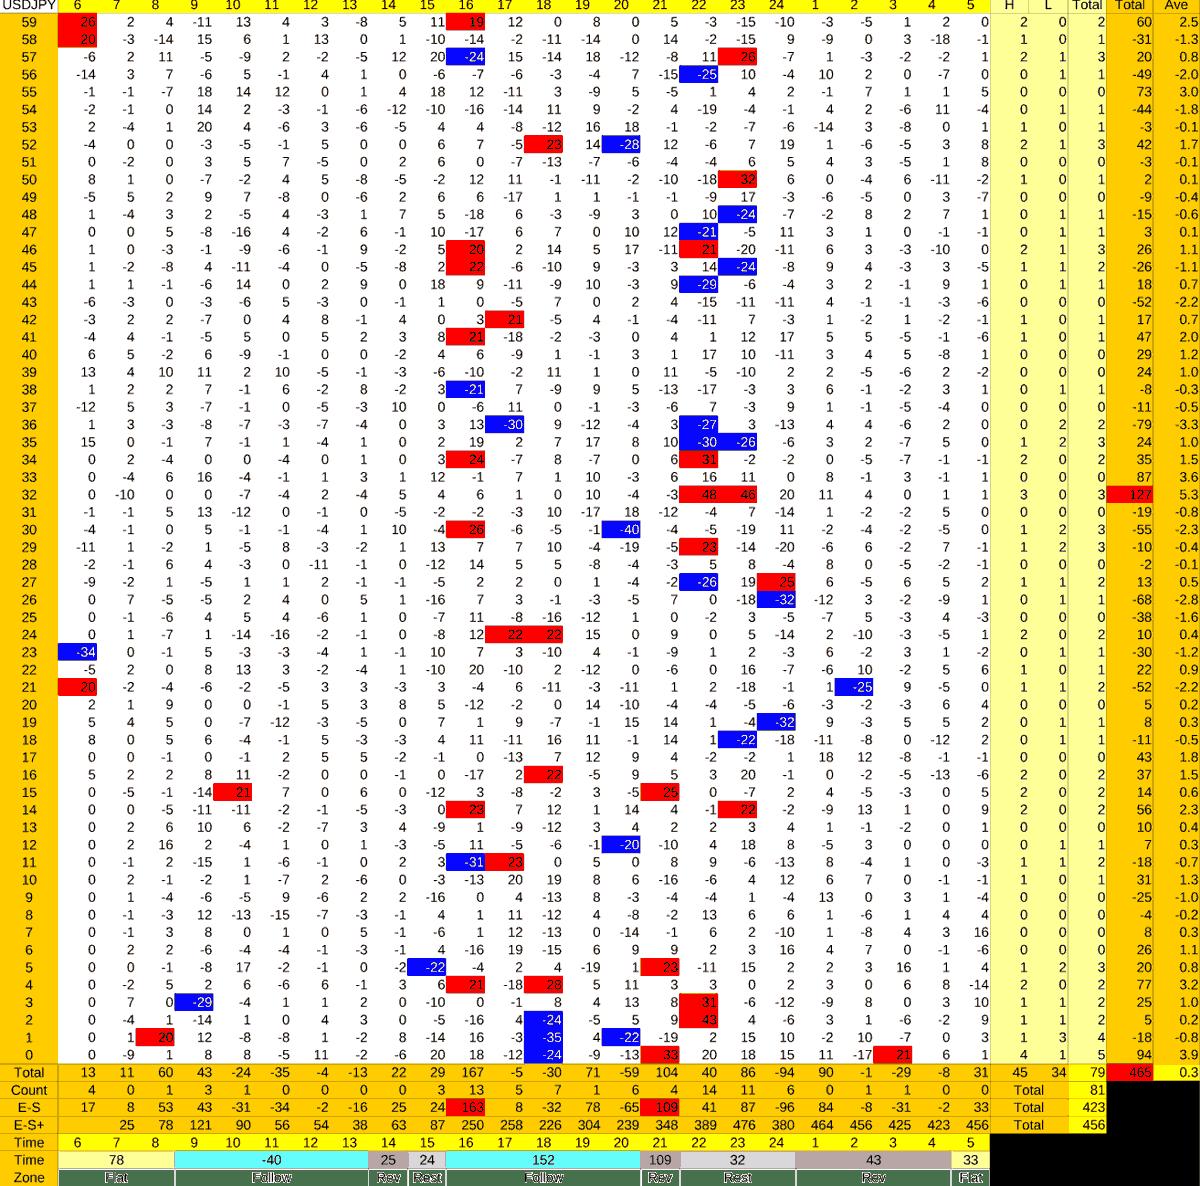 20210721_HS(1)USDJPY-min